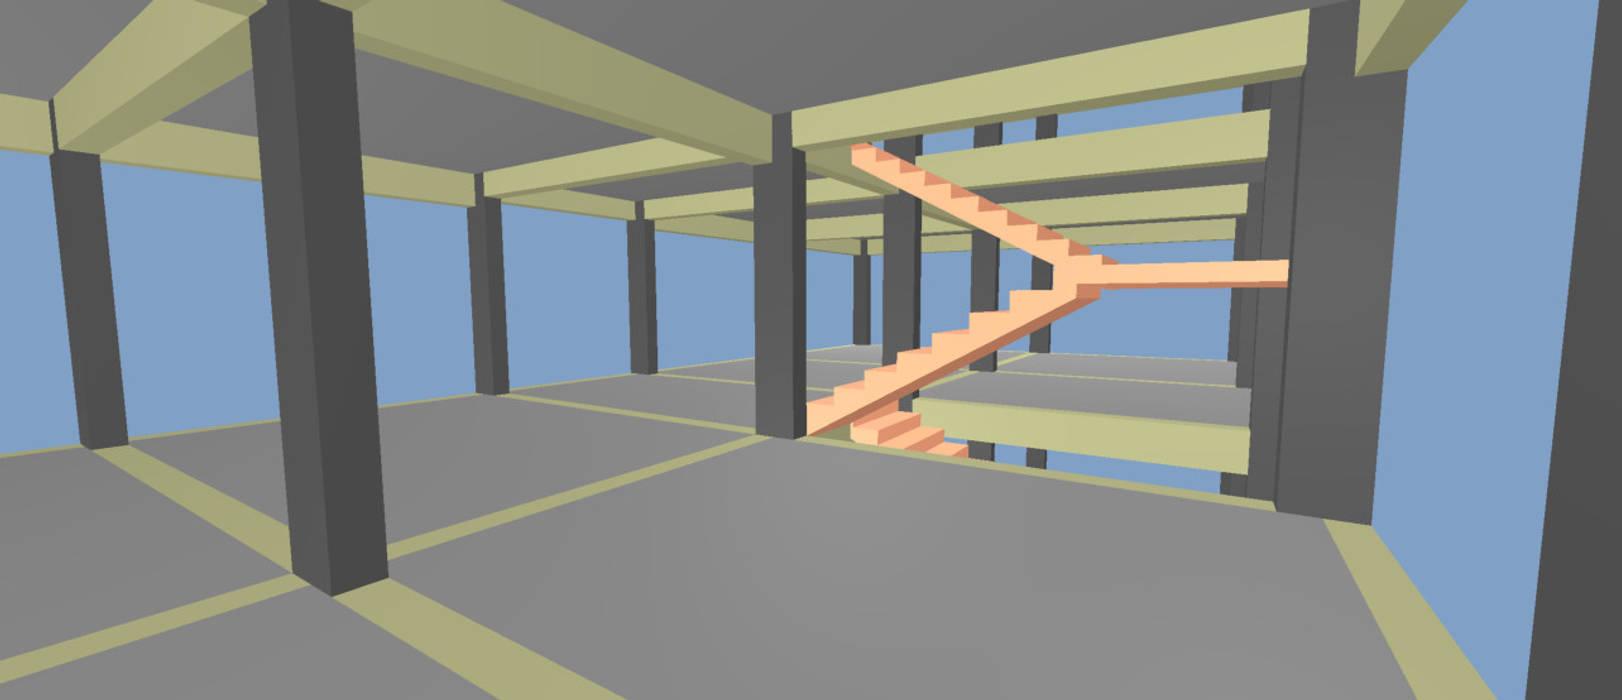 Imagem interna do Pavimento: Pavimentos  por P.GARCIA | Projetos Técnicos,Clássico